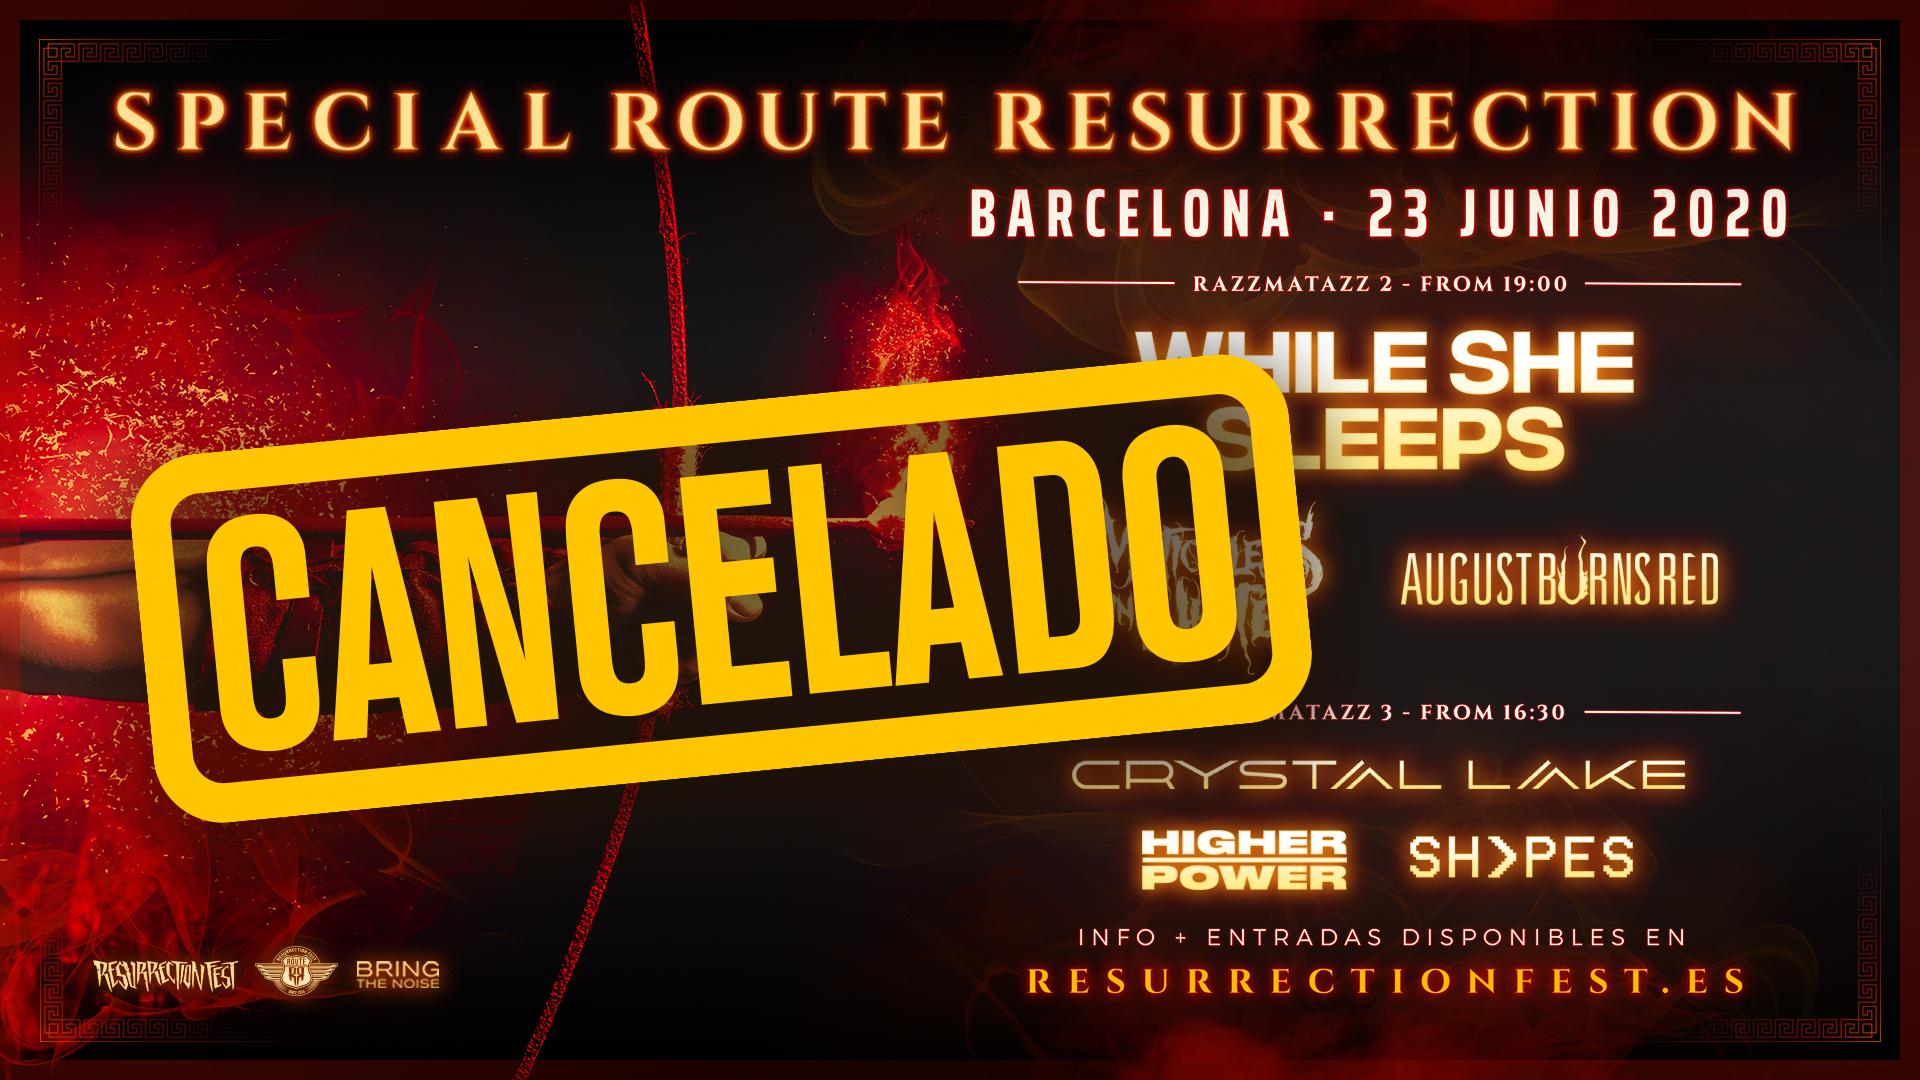 Route Resurrection Fest 2020 - Special Route Resurrection - Event